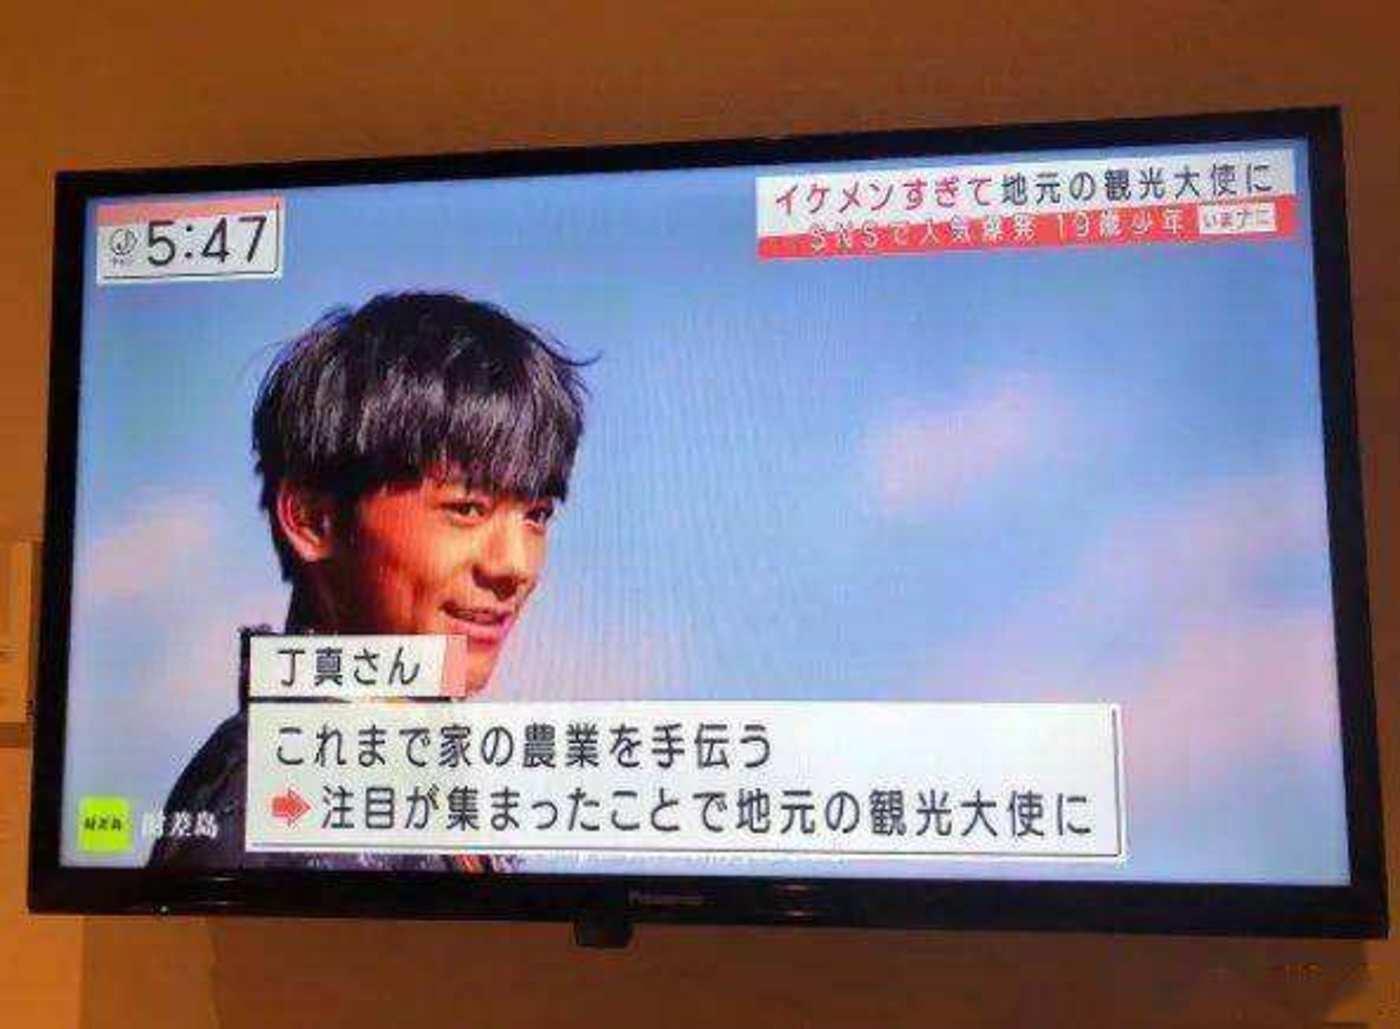 丁真登上日本电视台